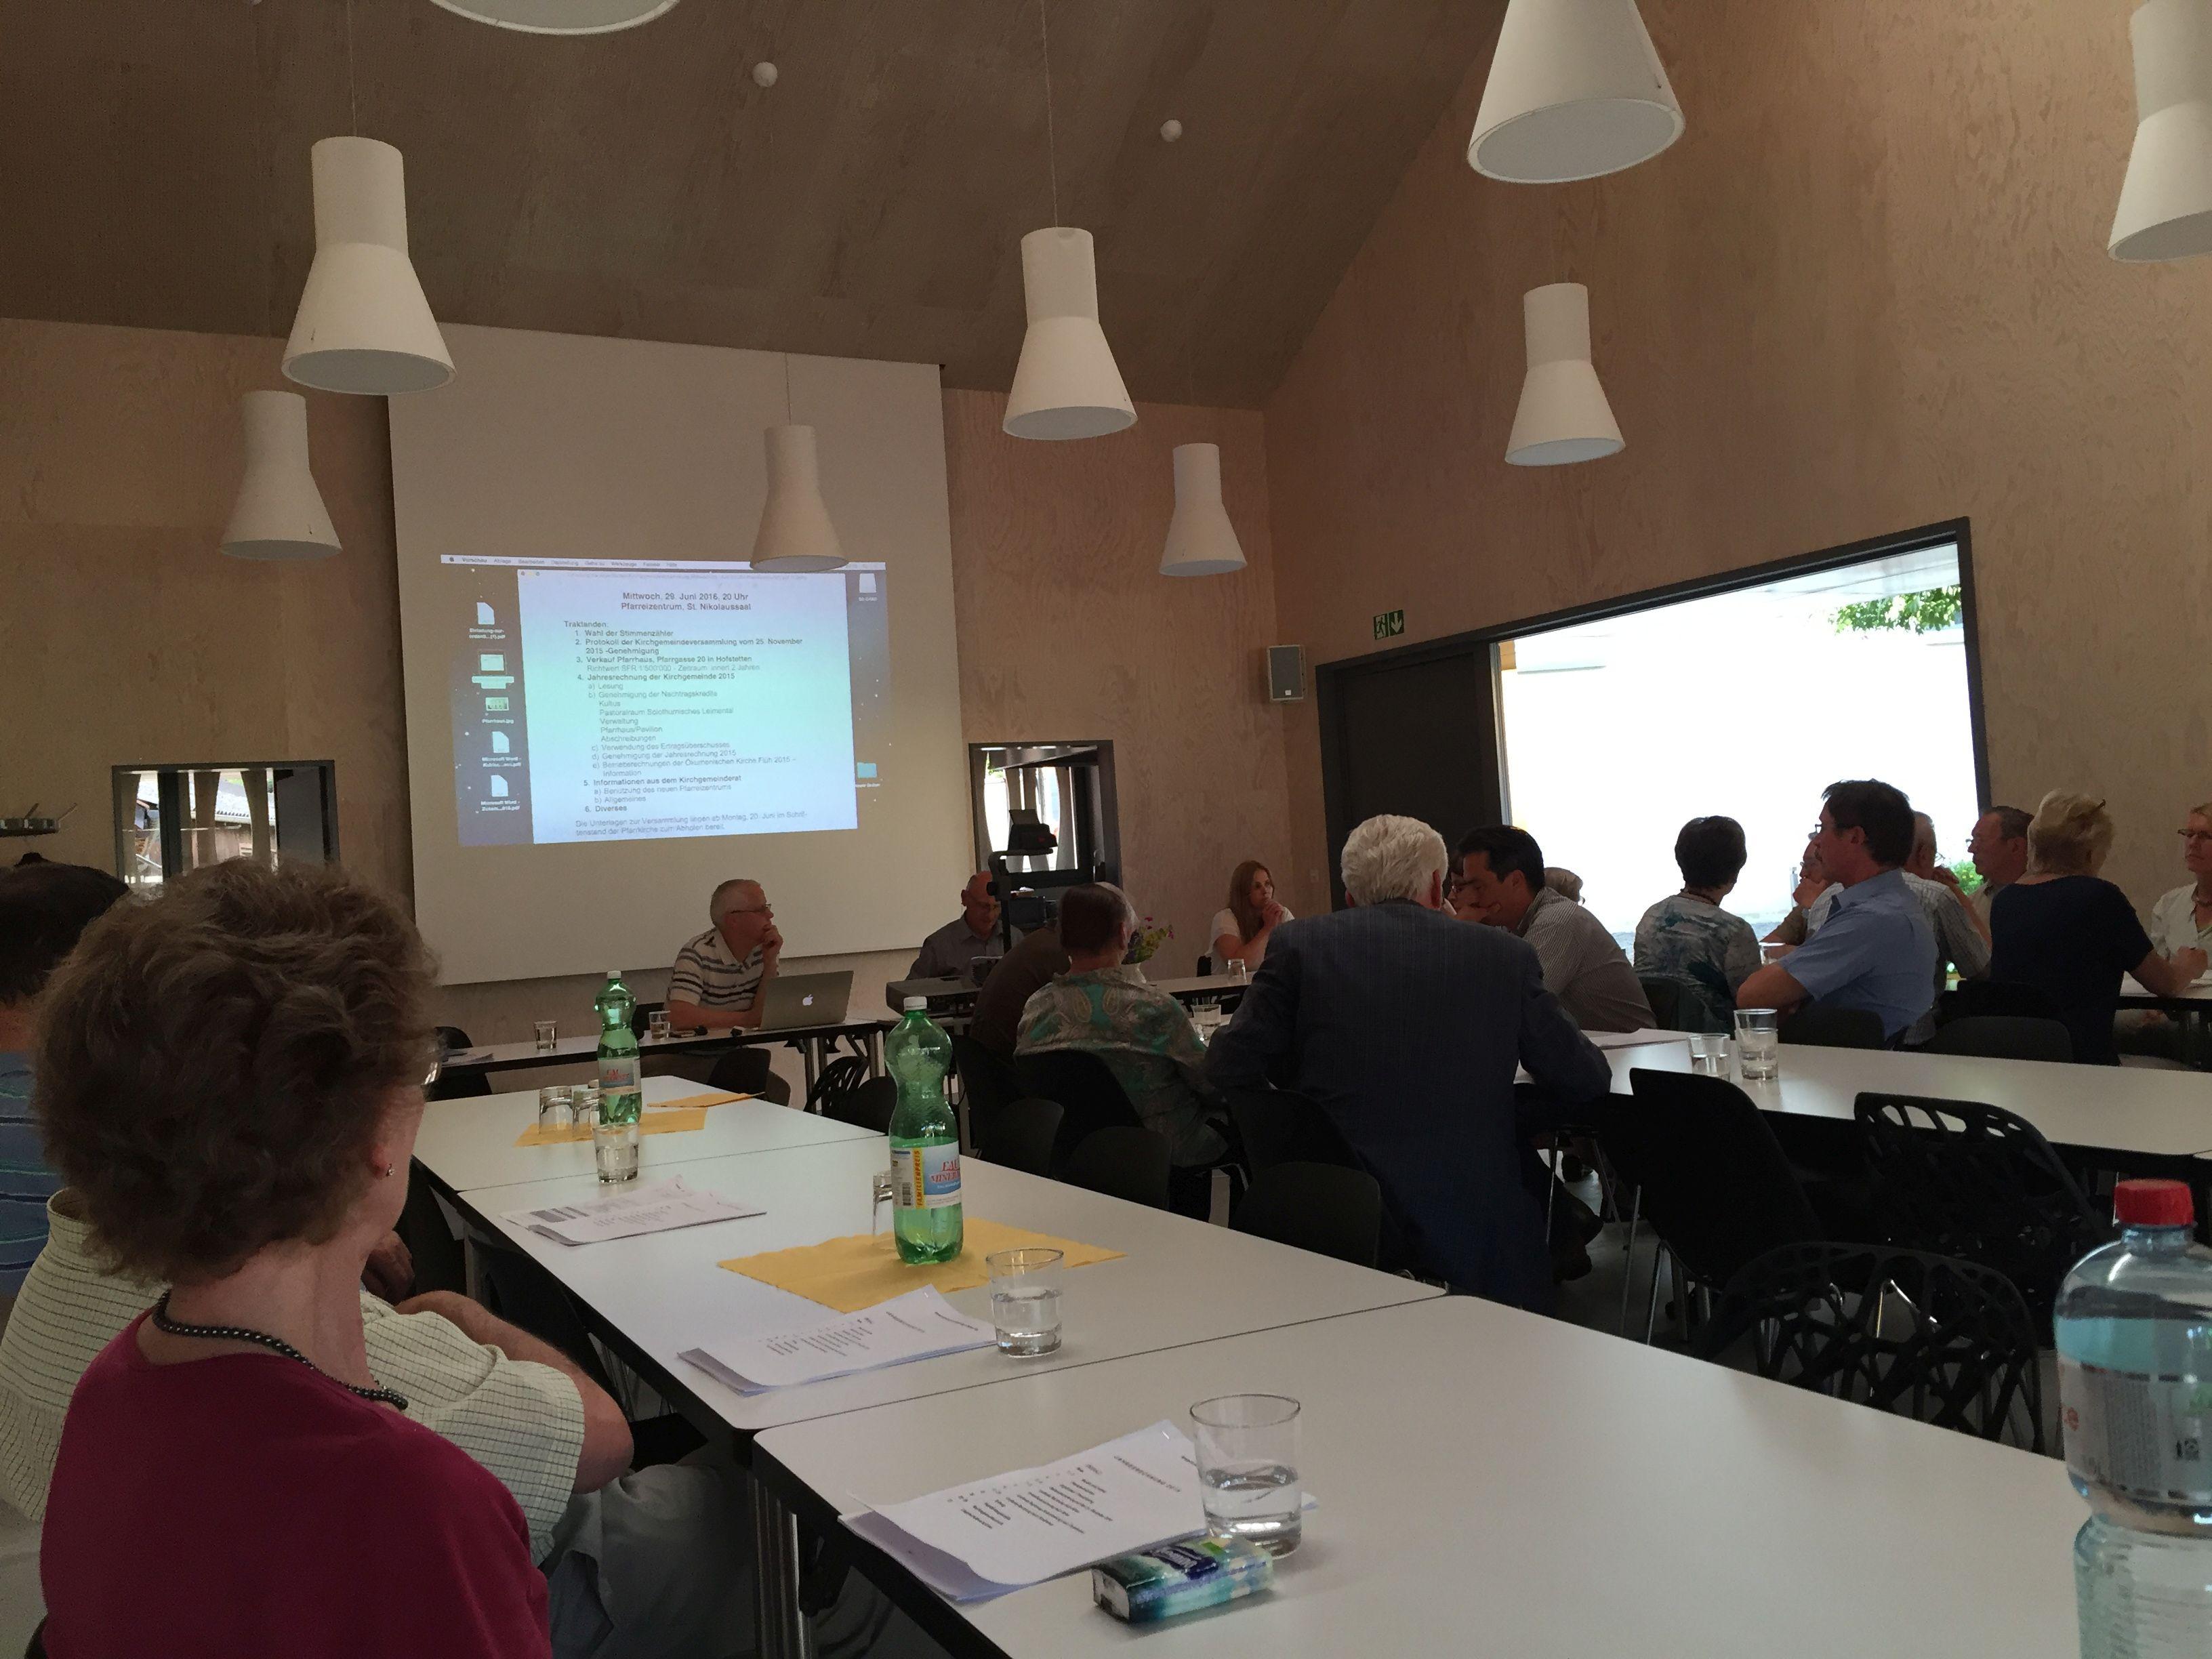 Gebaude Und Geschichte Der Kirchgemeinde Rom Kath Pfarrei St